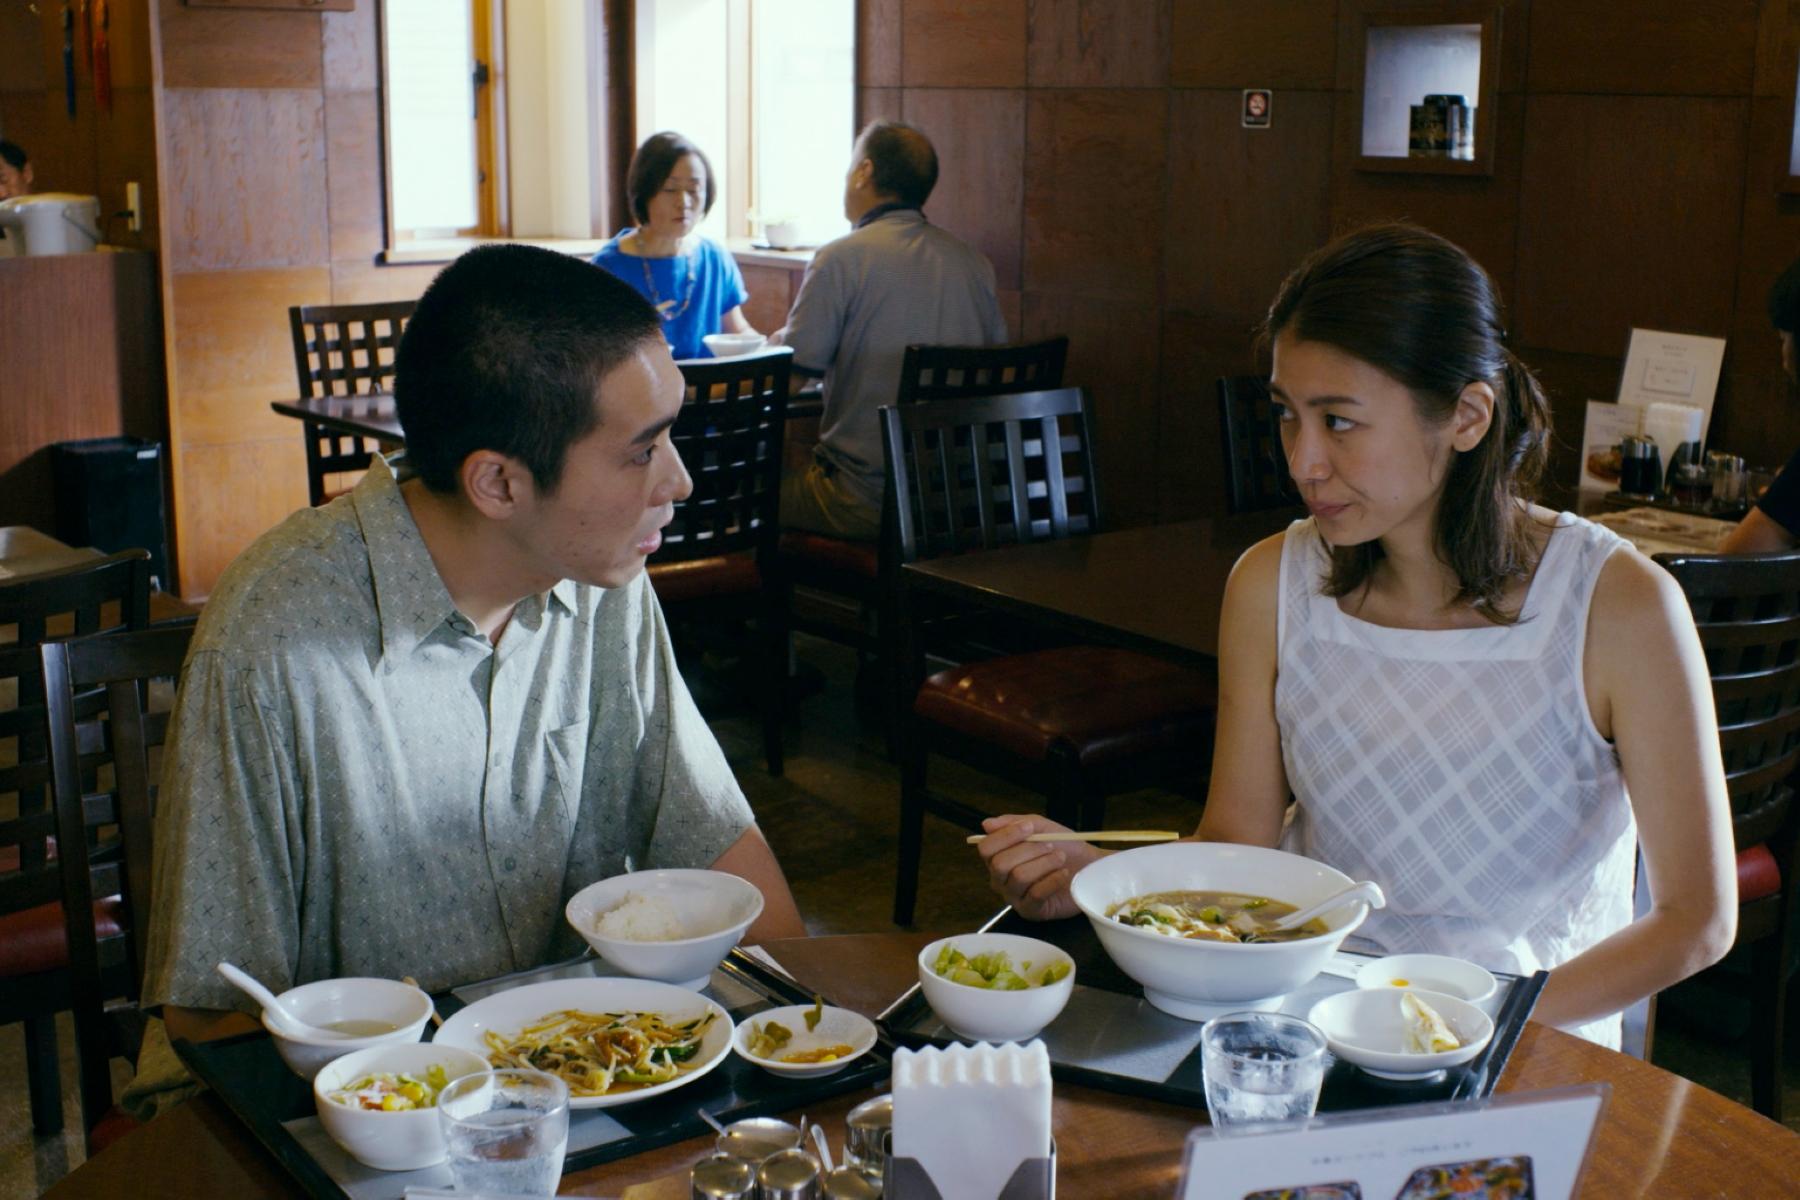 瀧內公美(右)帶柄本佑(左)品嚐「壯陽神菜」,讓對方瘋狂搭帳篷